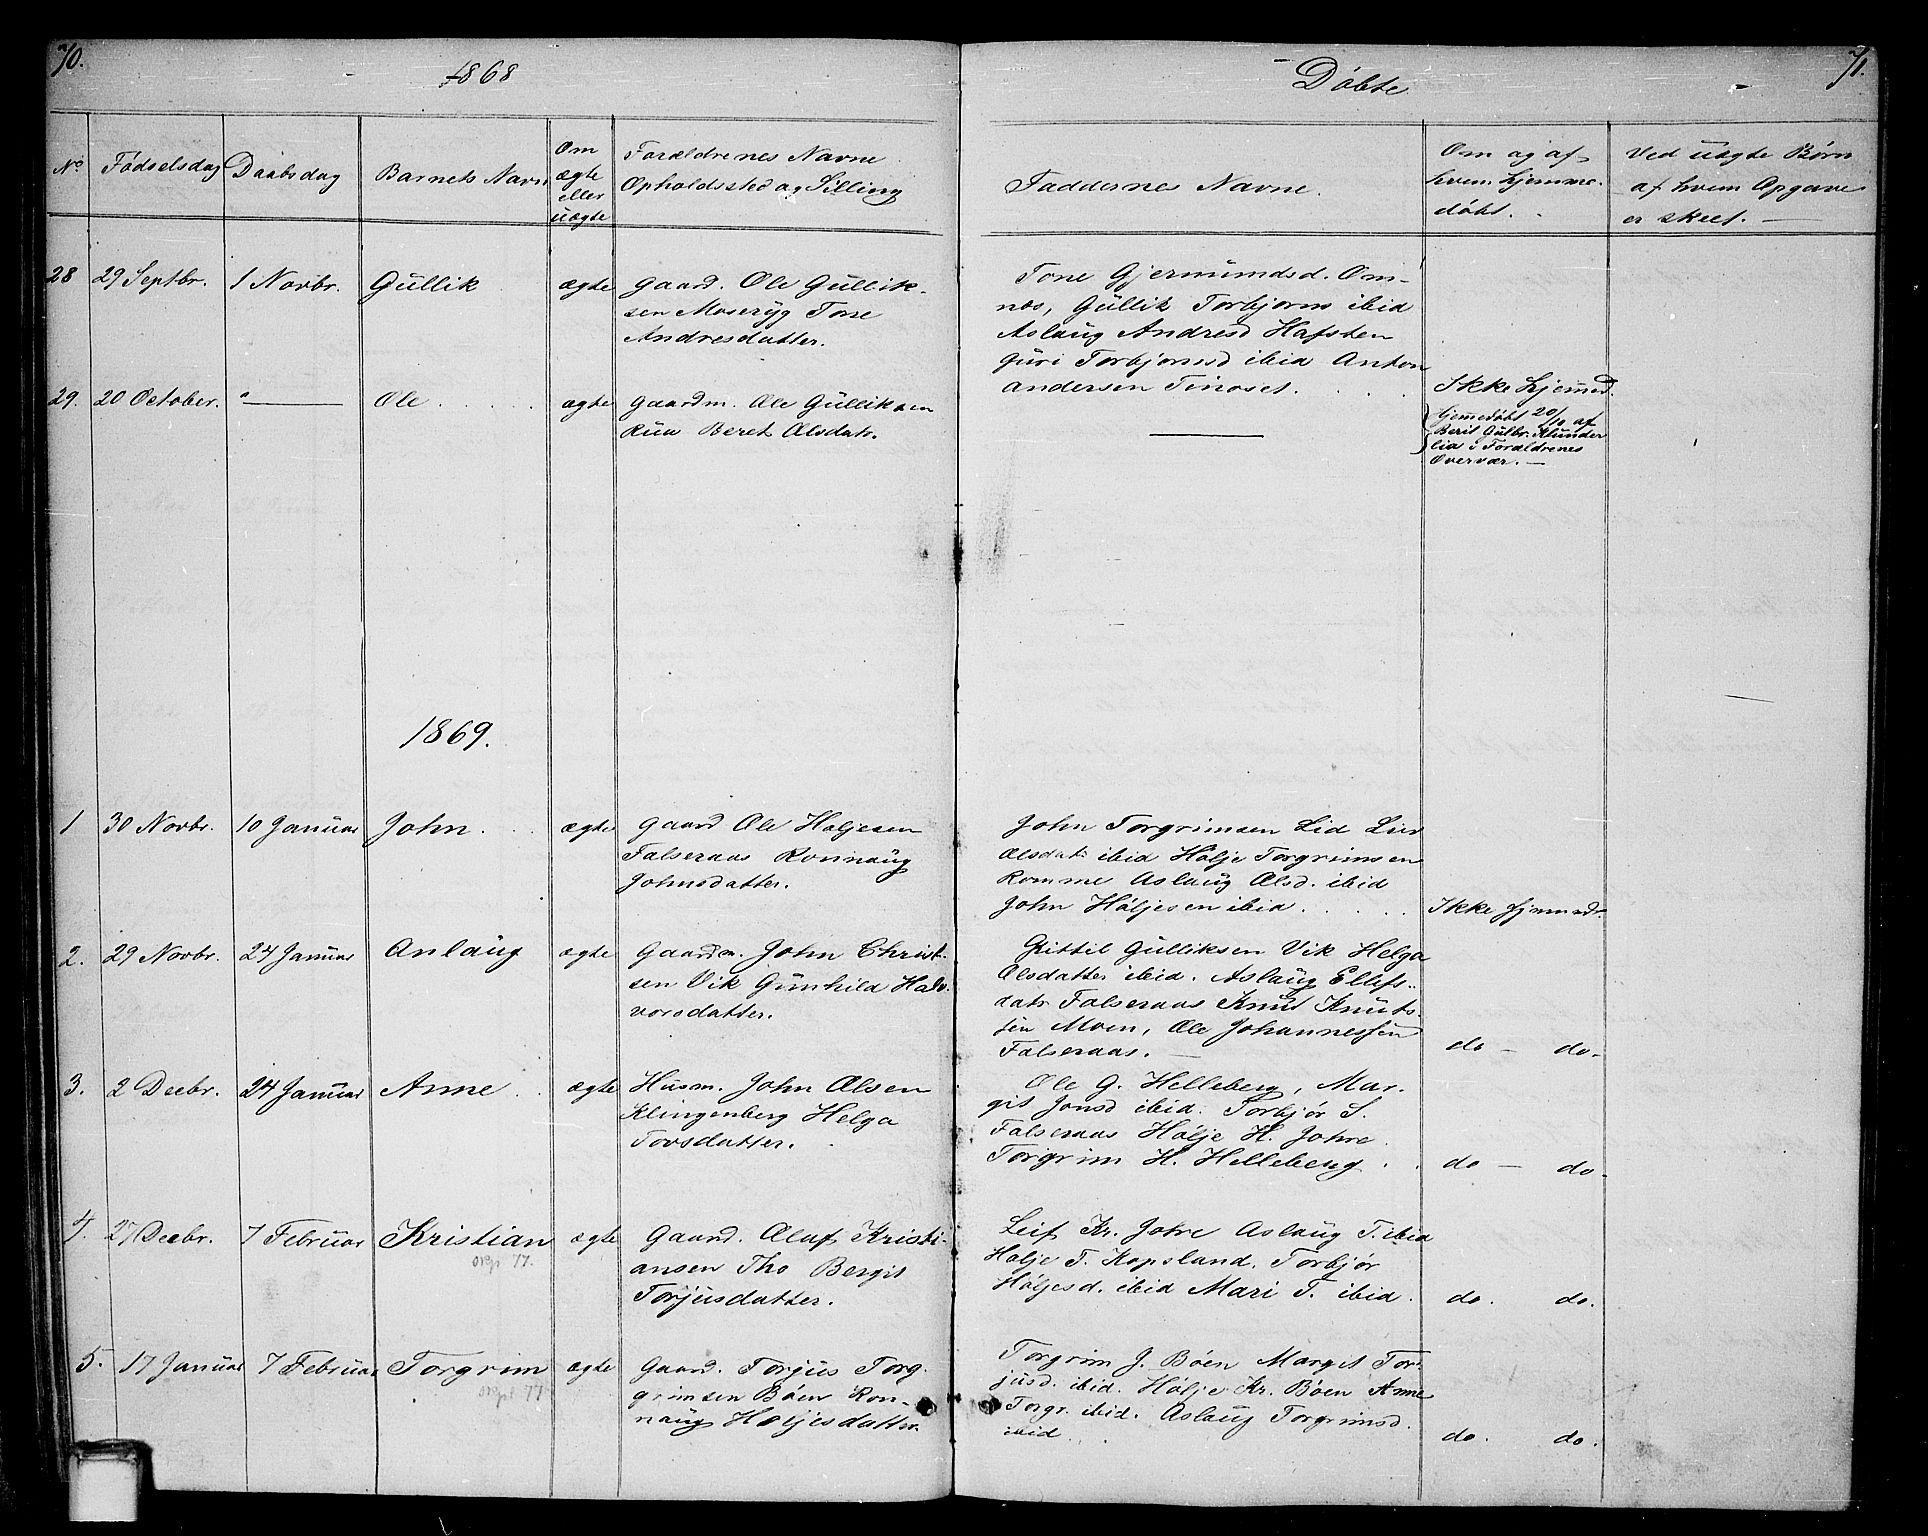 SAKO, Gransherad kirkebøker, G/Ga/L0002: Klokkerbok nr. I 2, 1854-1886, s. 70-71